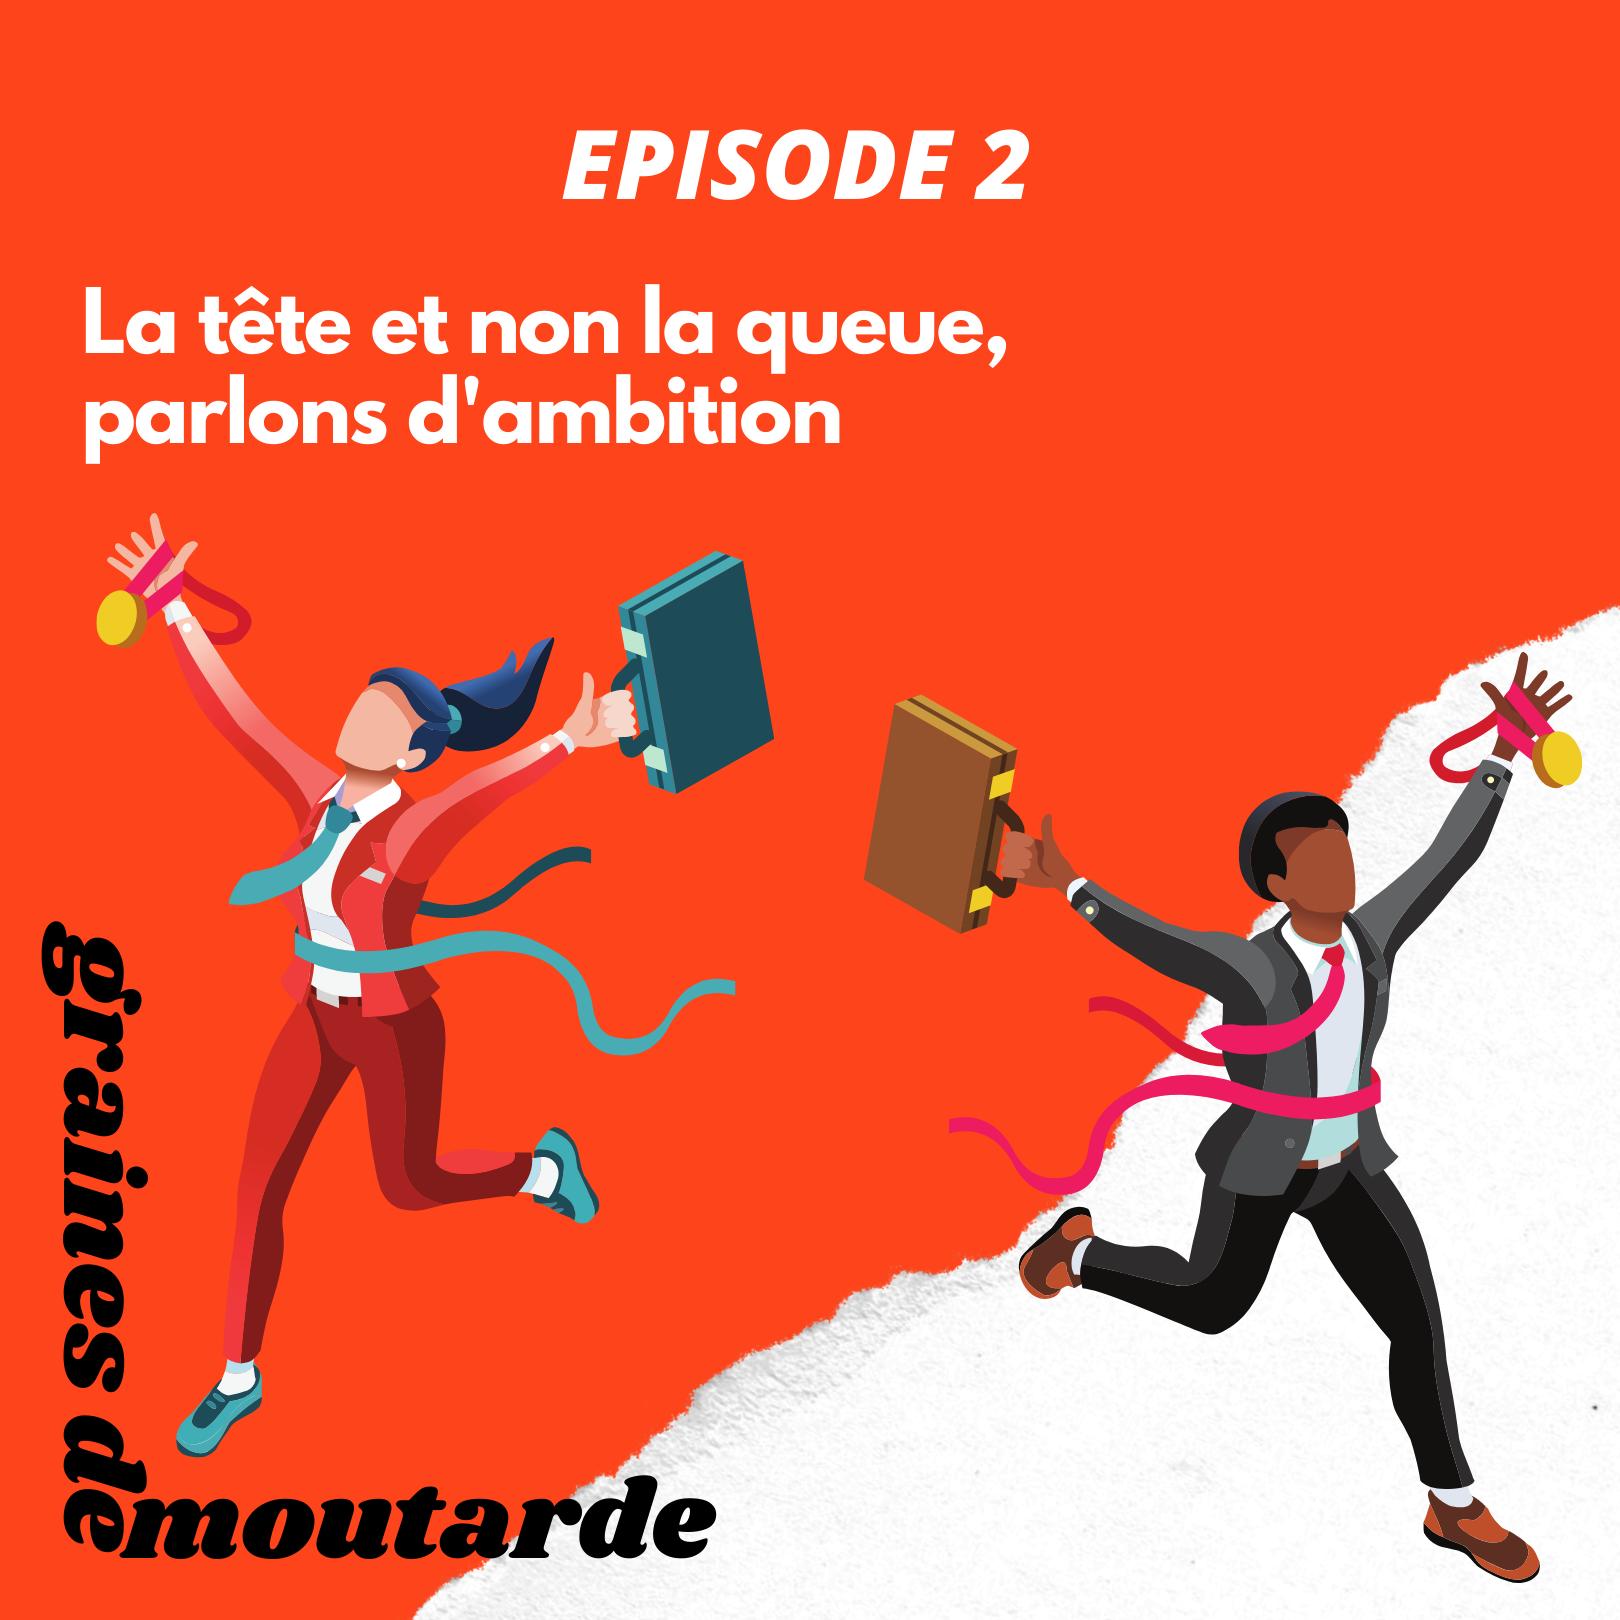 EPISODE 2 : La tête et non la queue, parlons d'ambition